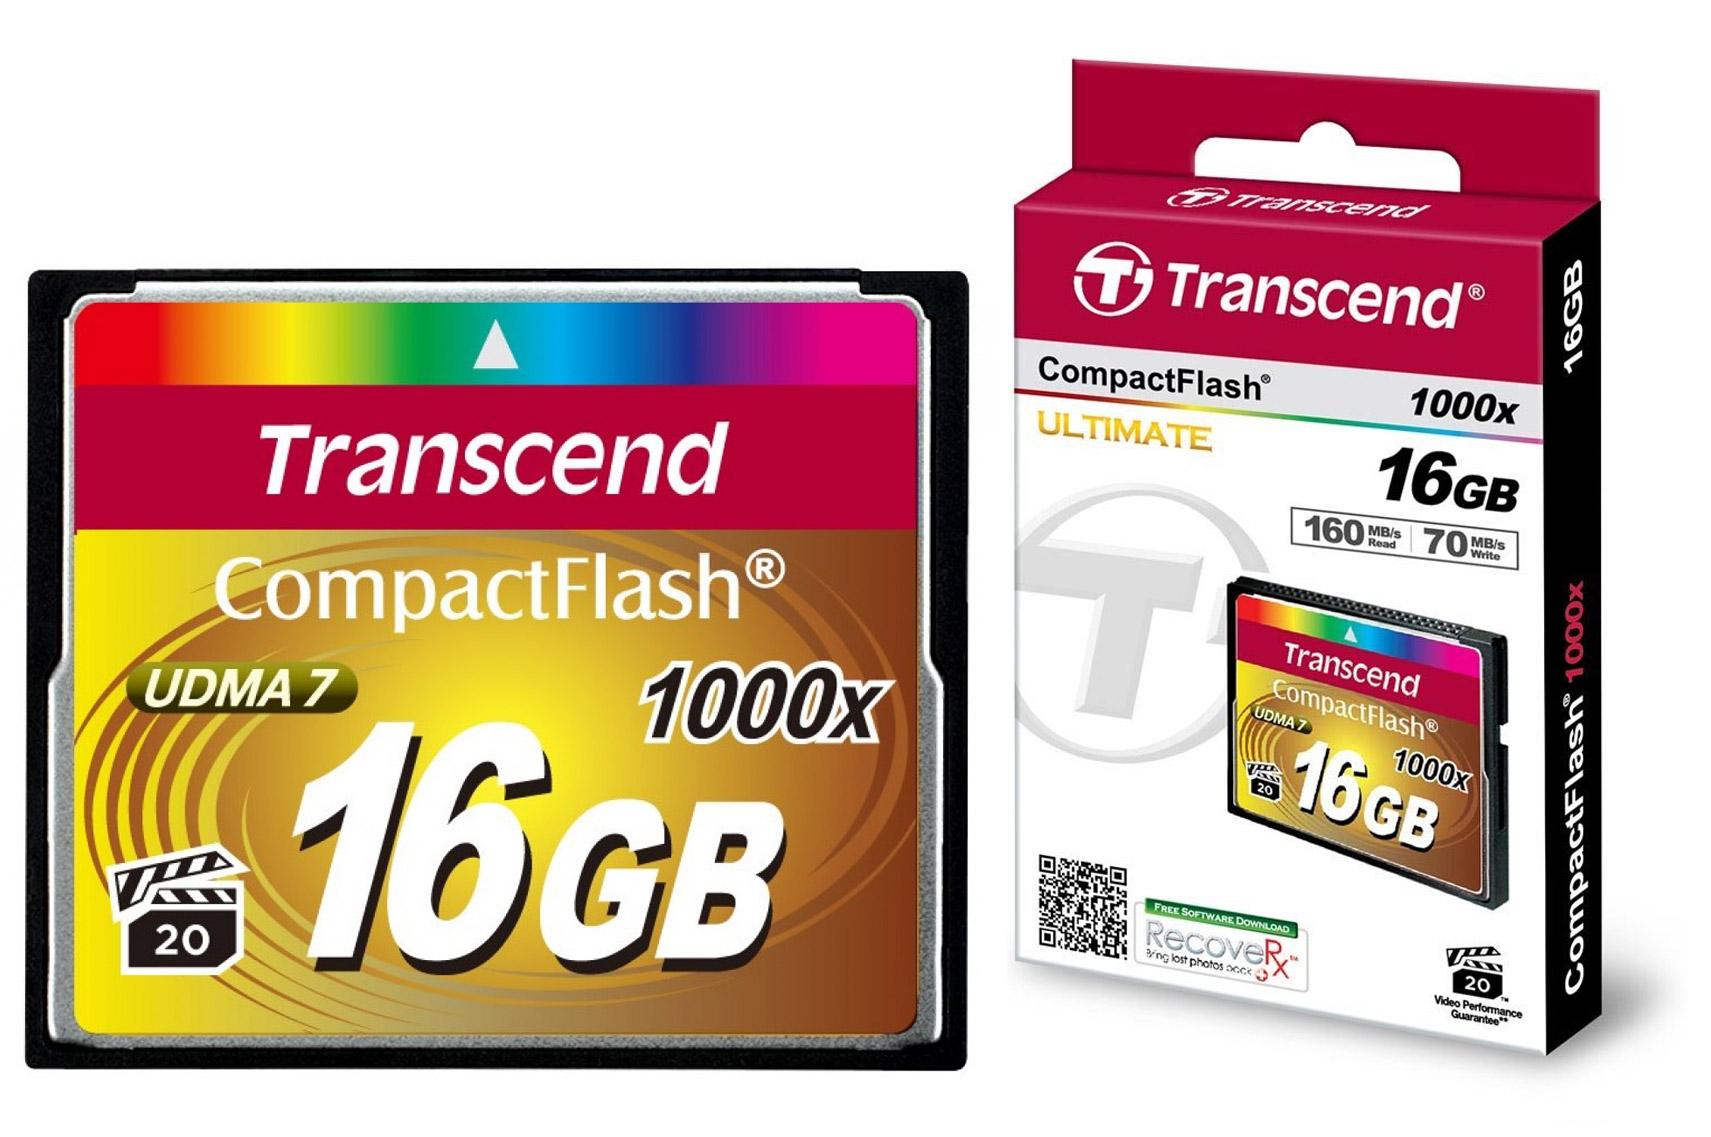 Hasil gambar untuk compact flash 1000x transcend 16gb